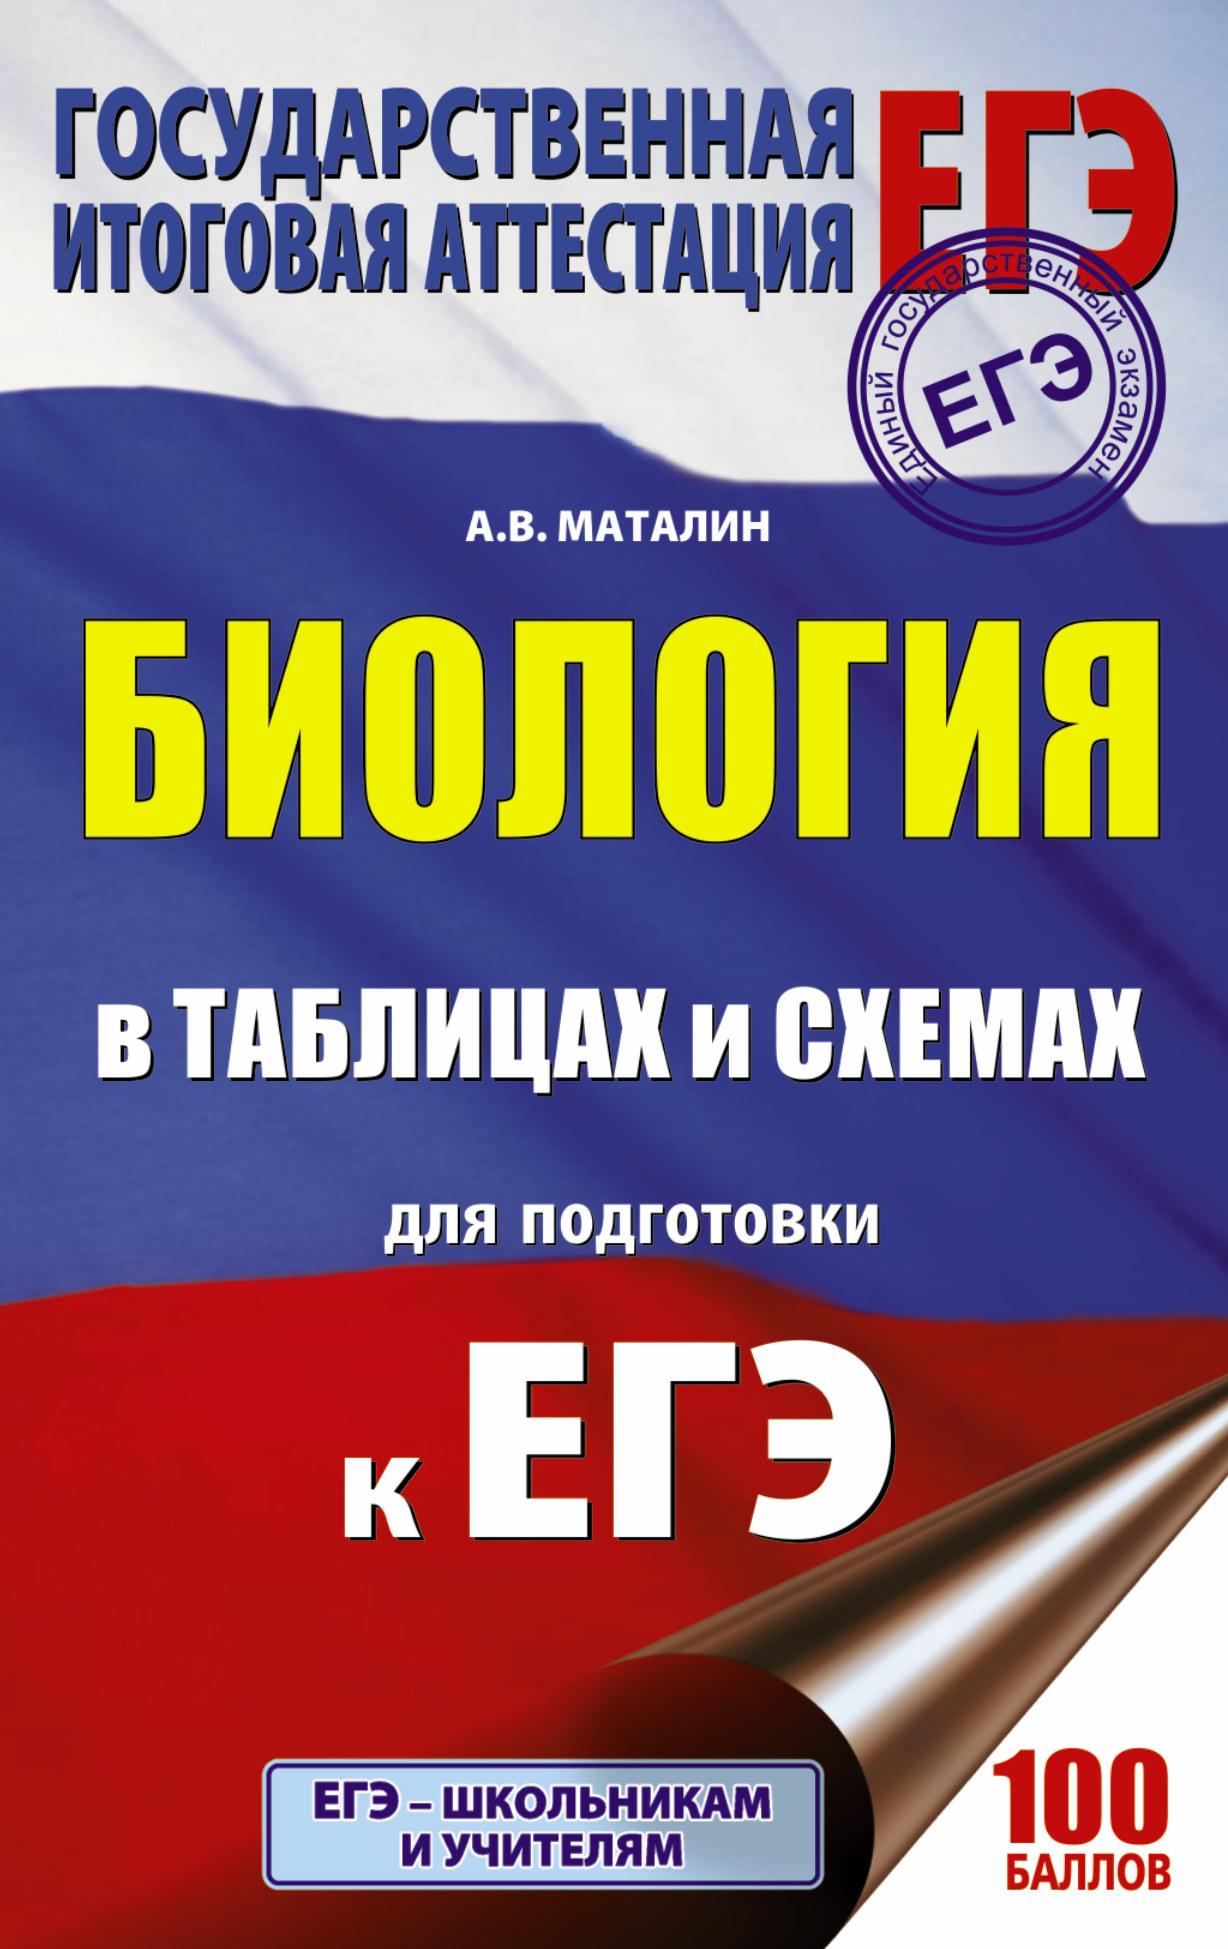 Маталин А.В. ЕГЭ. Биология в таблицах и схемах для подготовки к ЕГЭ